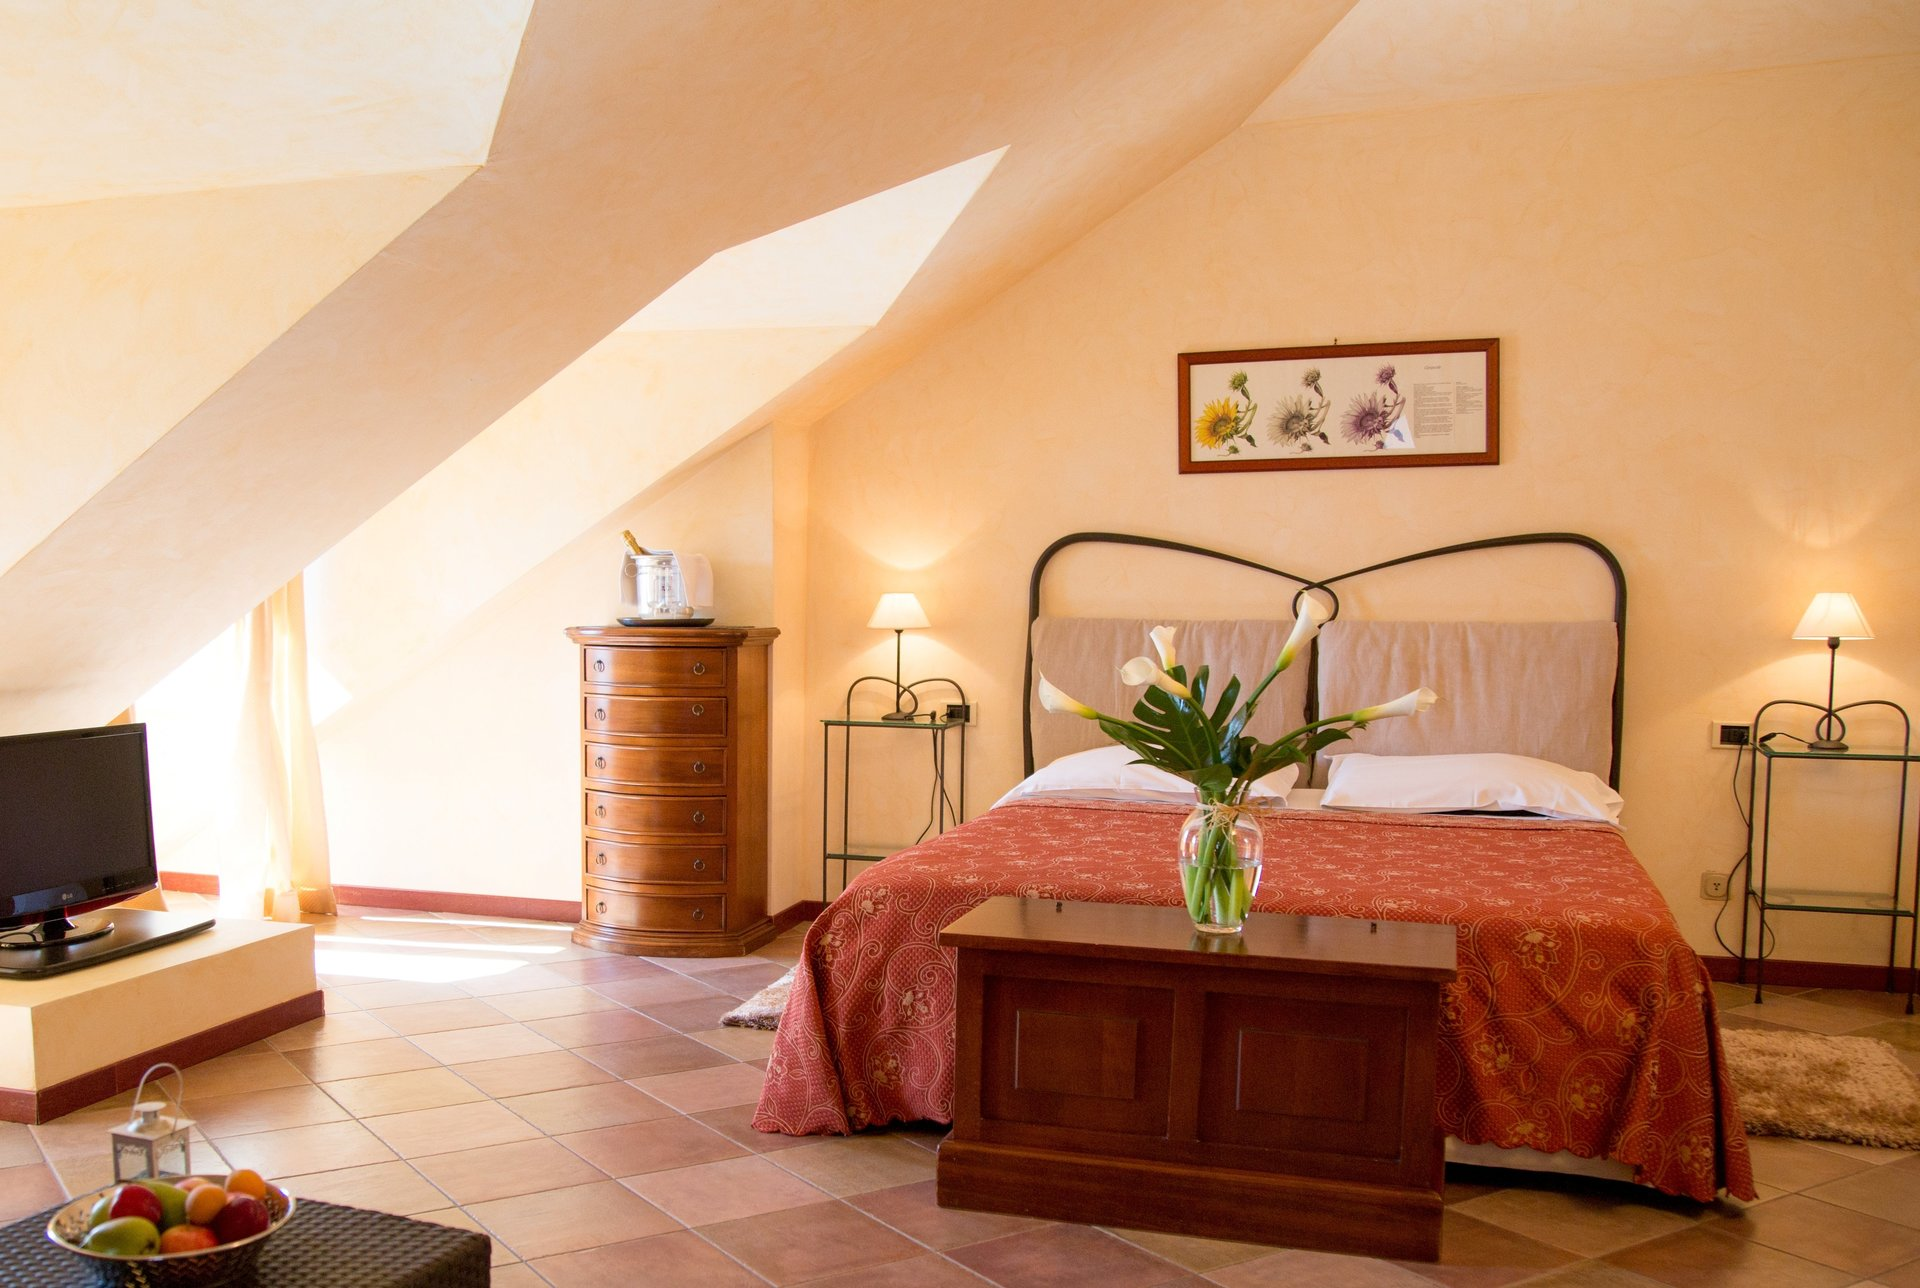 camera doppia con ampio letto matrimoniale